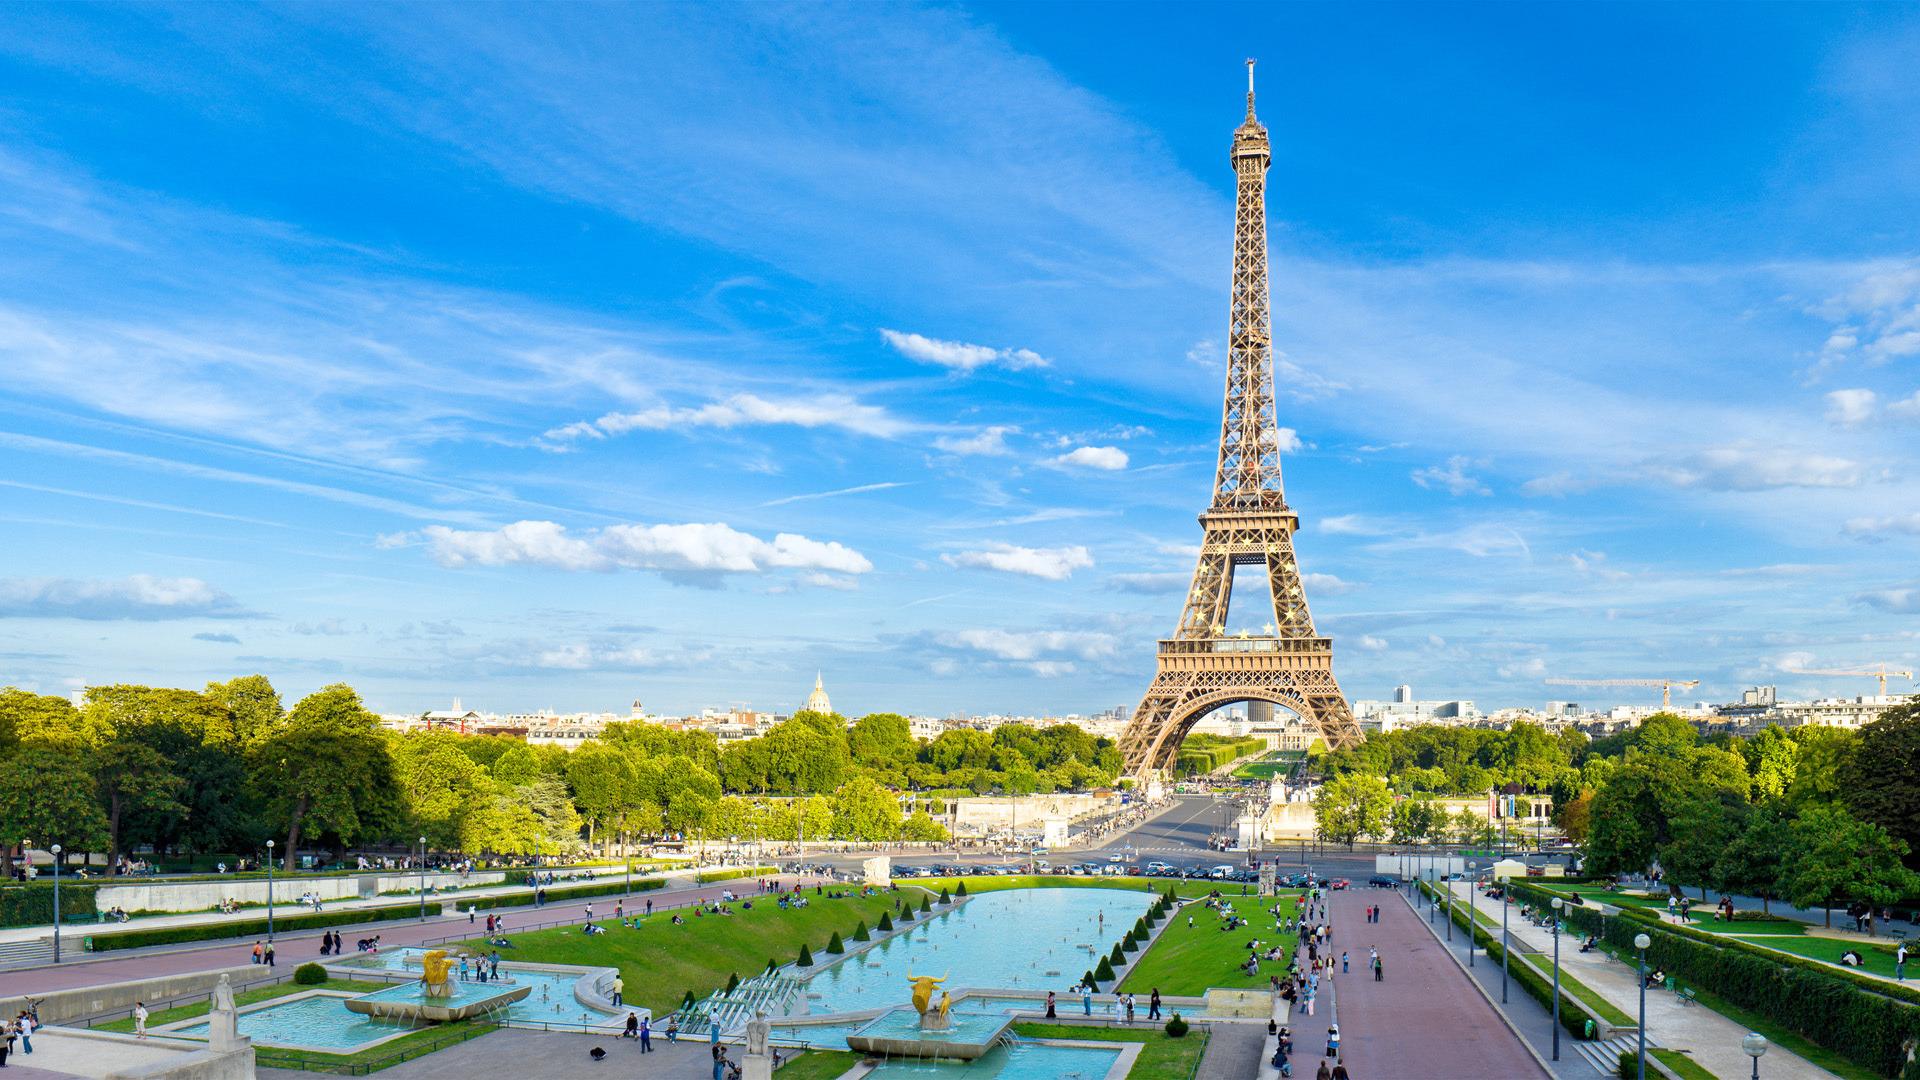 18635 скачать обои Пейзаж, Города, Небо, Облака, Эйфелева Башня - заставки и картинки бесплатно